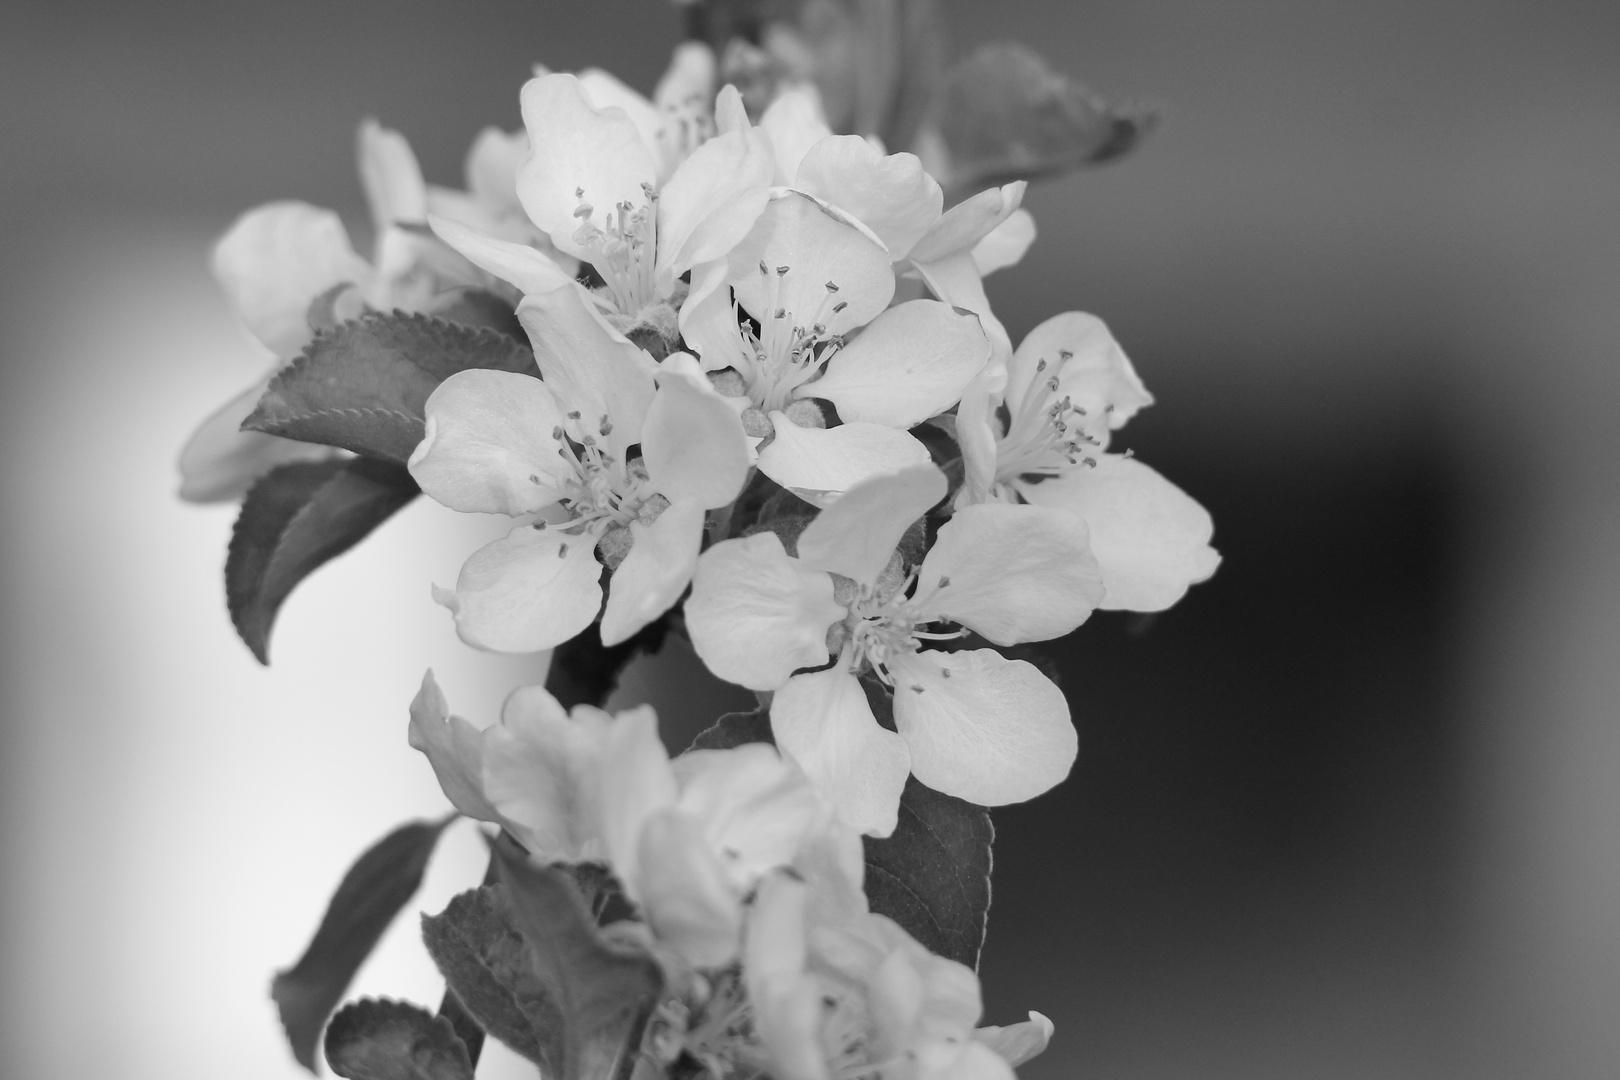 Vor dem Regen - Apfelblüte